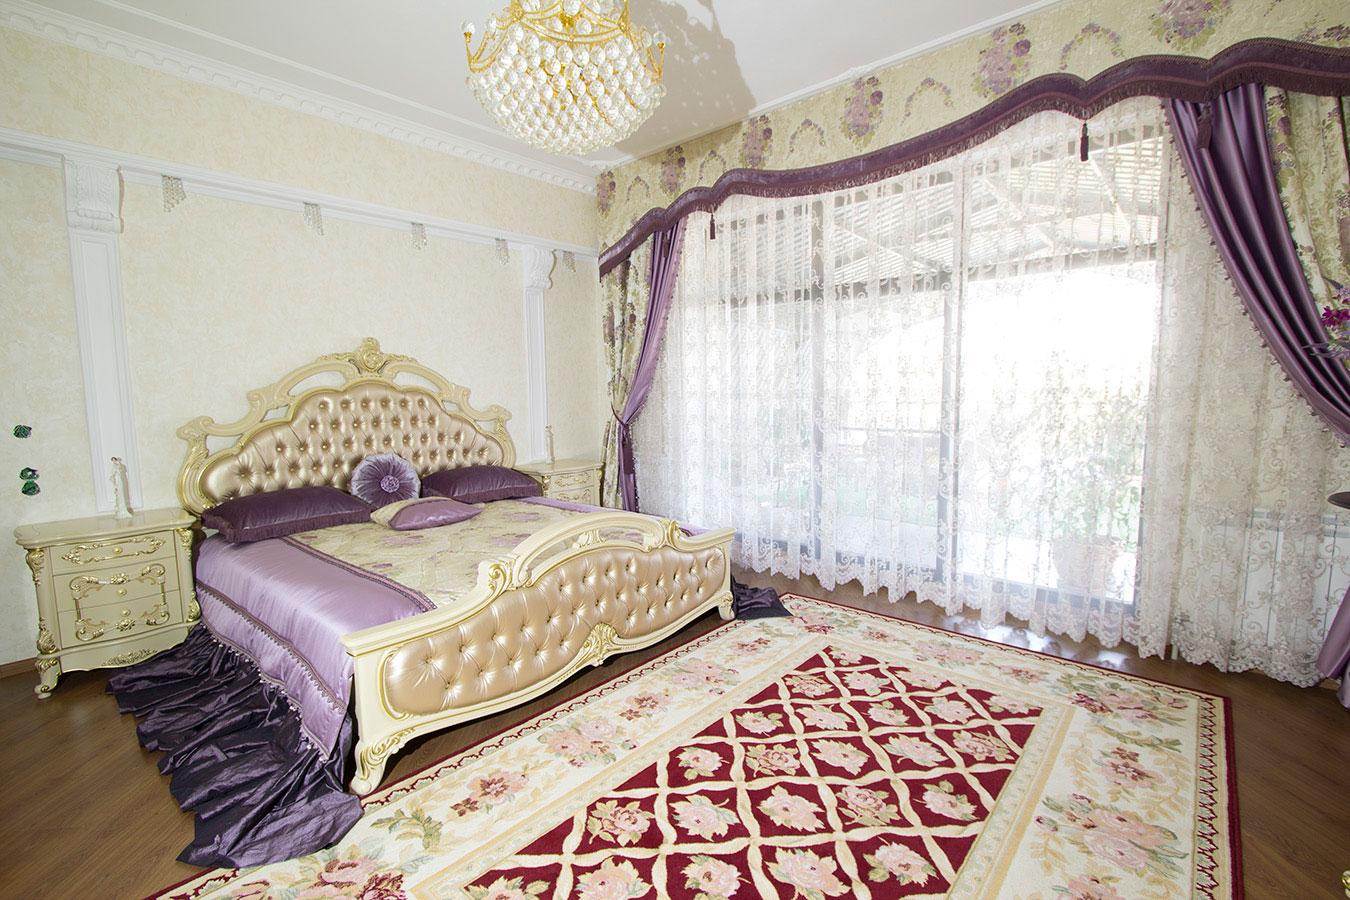 Сиренево-бежевое покрывало в оформлении кровати